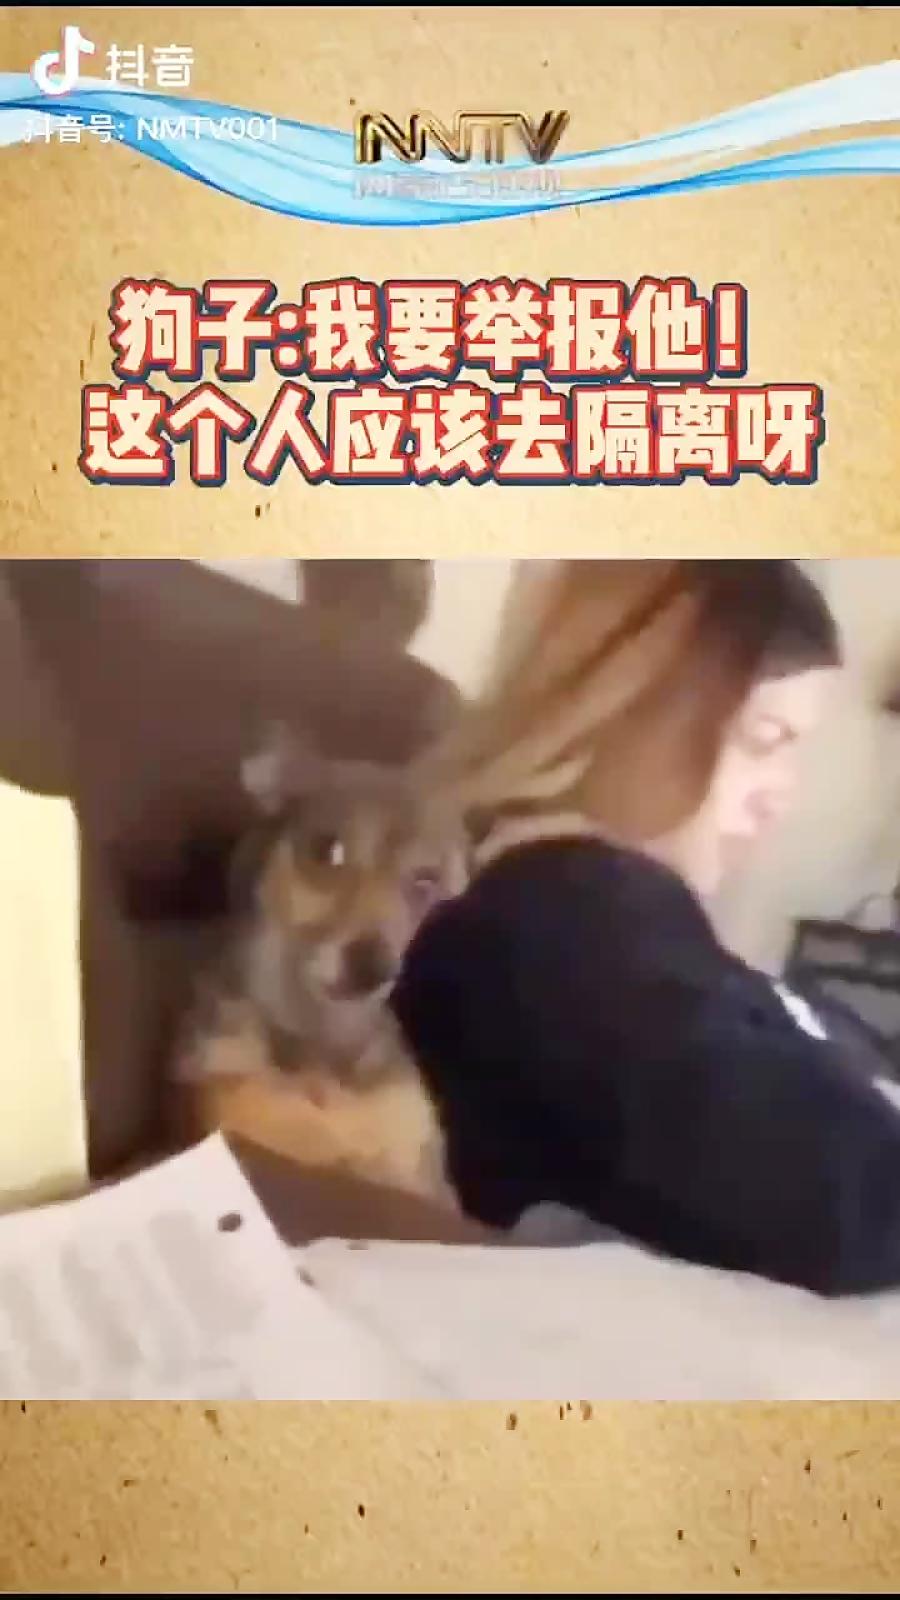 کلیپ خنده دار ترس از سرفه کردن